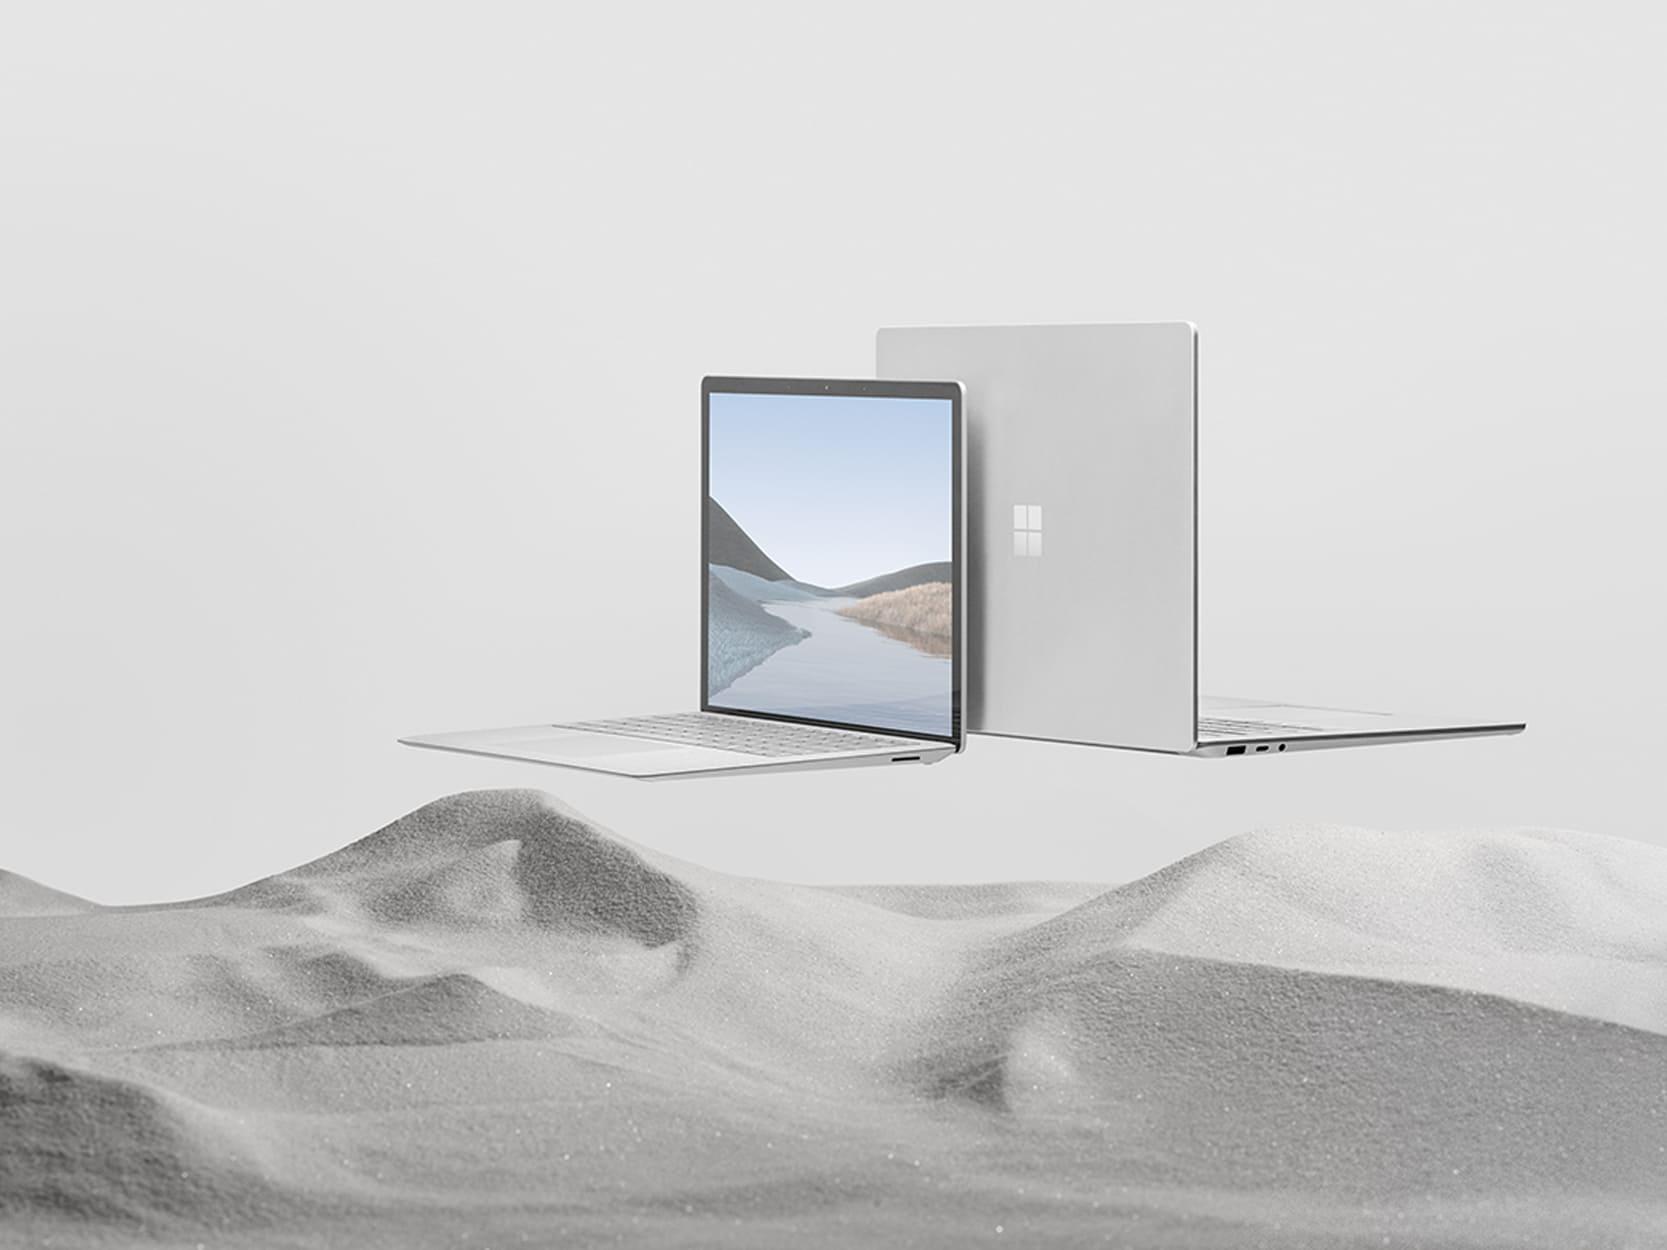 Представлен Microsoft Surface Laptop 3 на базе процессоров AMD Ryzen и Intel 10-поколения